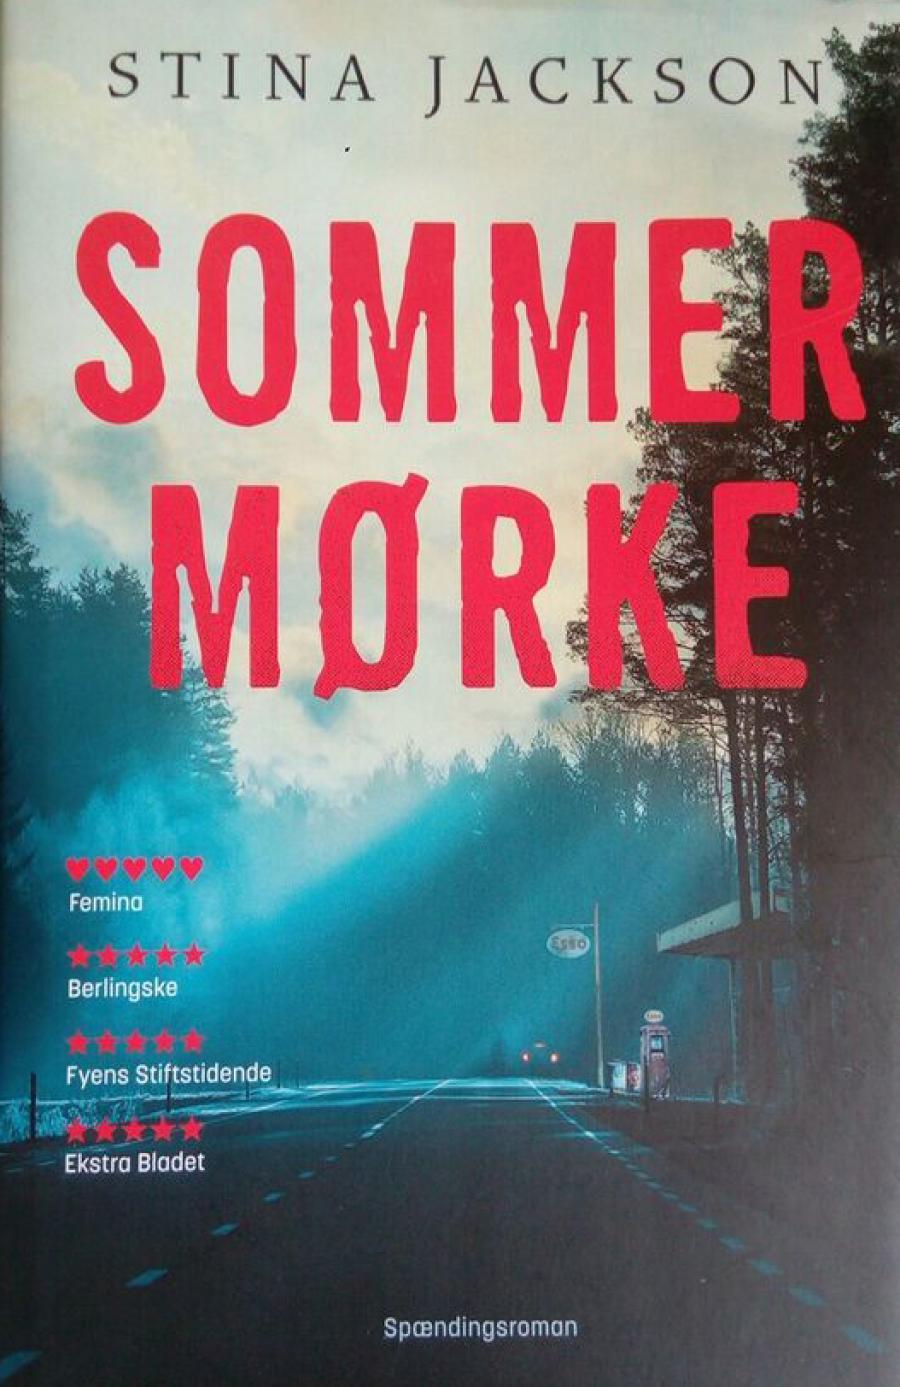 Forside til bogen Sommermørke af Stina Jackson